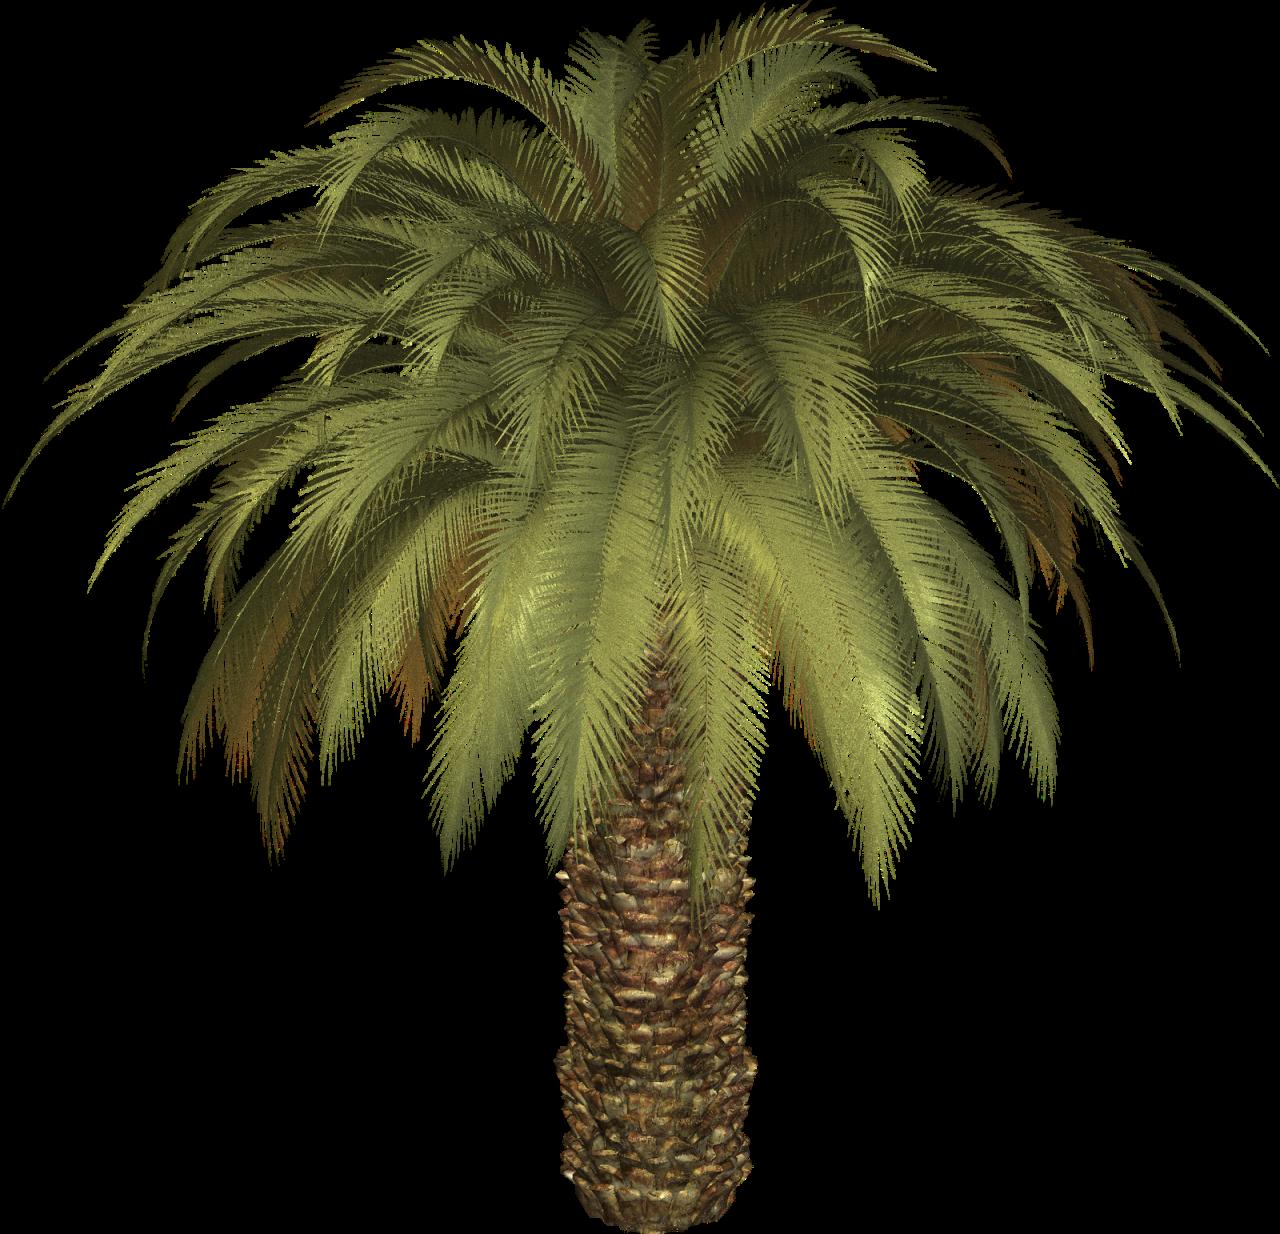 Ruffled Fan Palm or Vanuatu Fan Palm (Licuala grandis